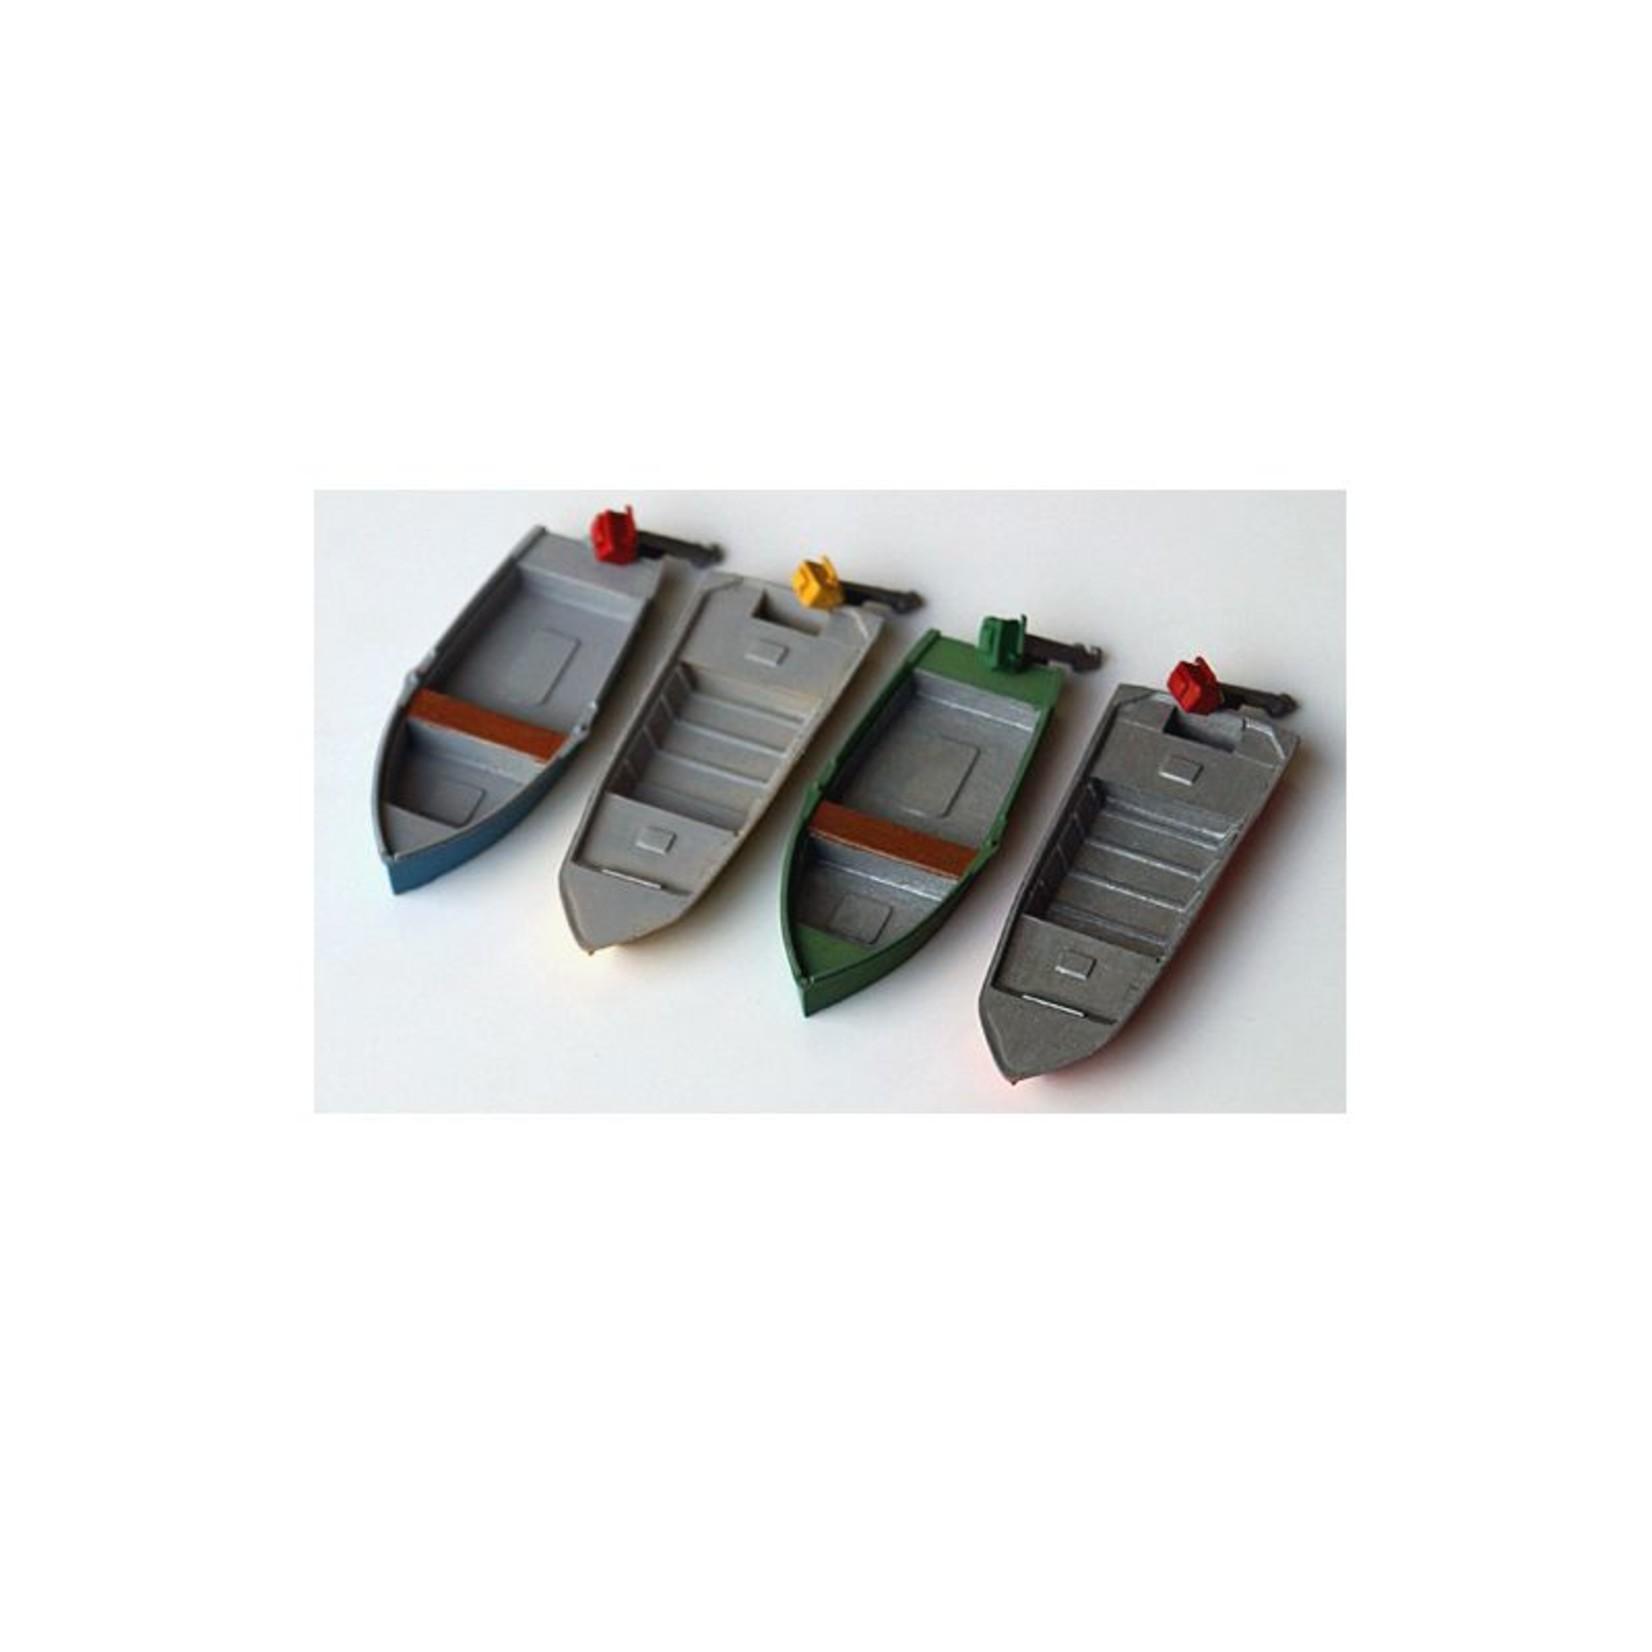 4 Stuk Moderne vissersboten